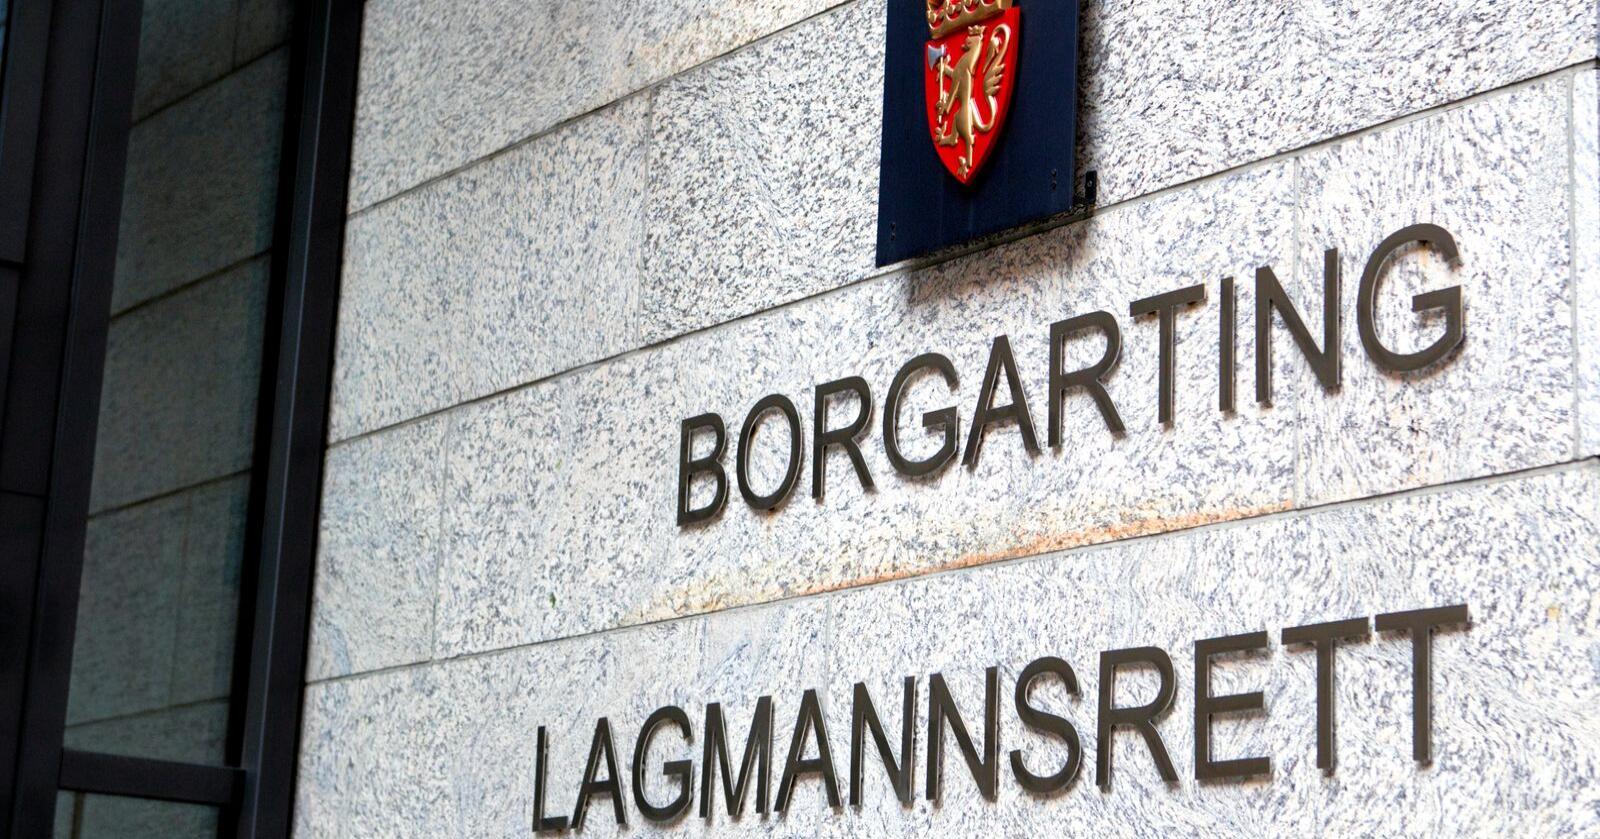 Etter at ankesaken var behandlet i Borgarting lagmannsrett, fant de ikke elgjegeren lenger skyldig for å ha fremsatt drapstrusler. Foto: Berit Roald / NTB Scanpix